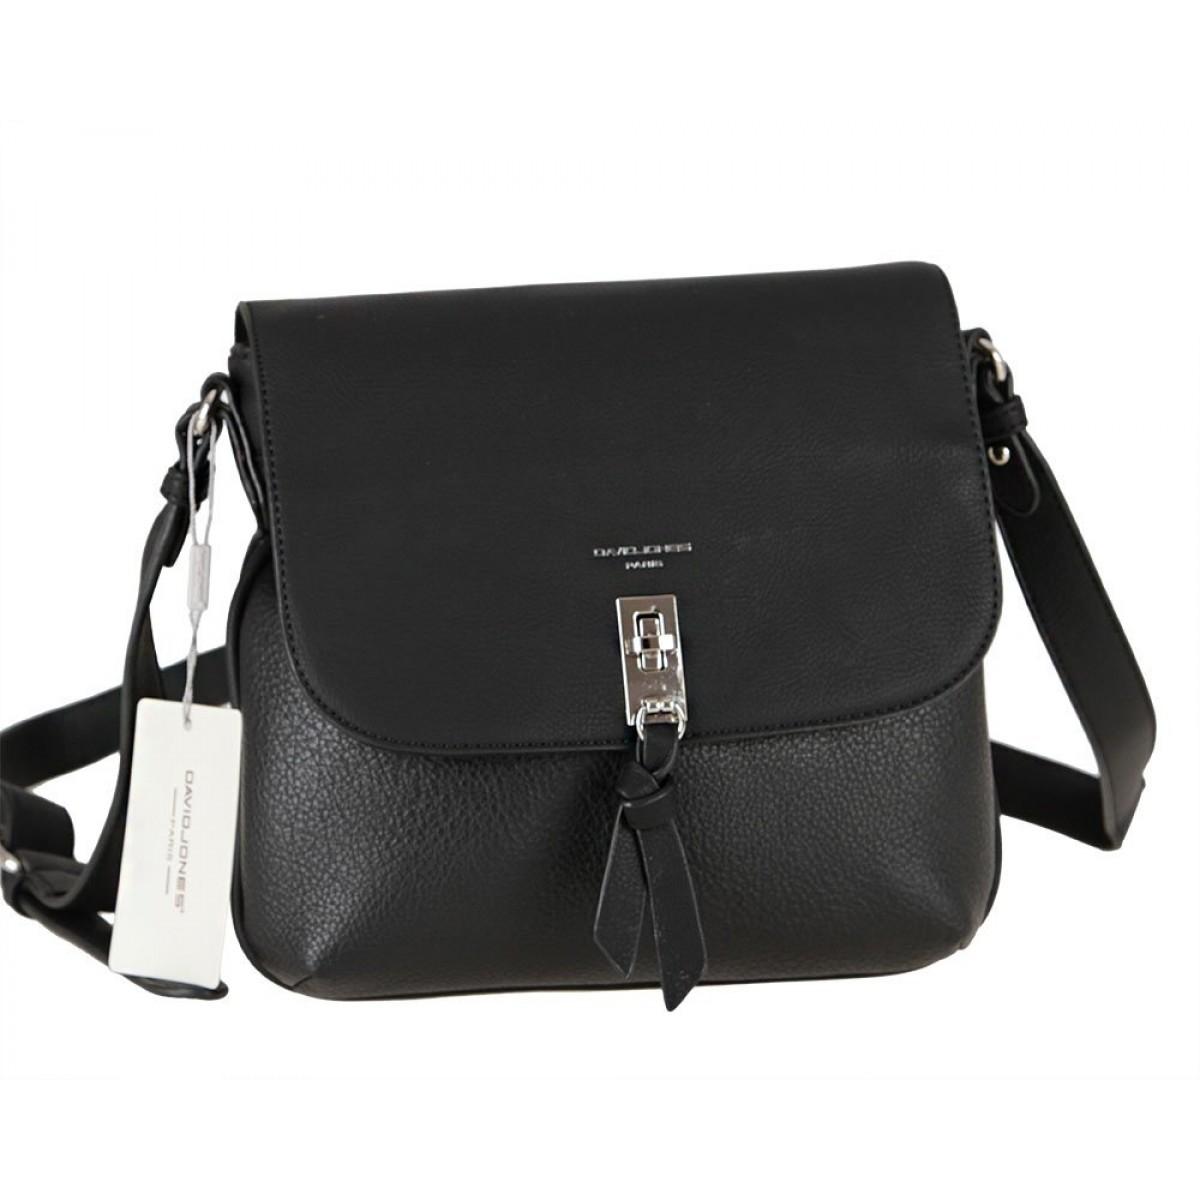 Жіноча сумка David Jones 6425-1 BLACK